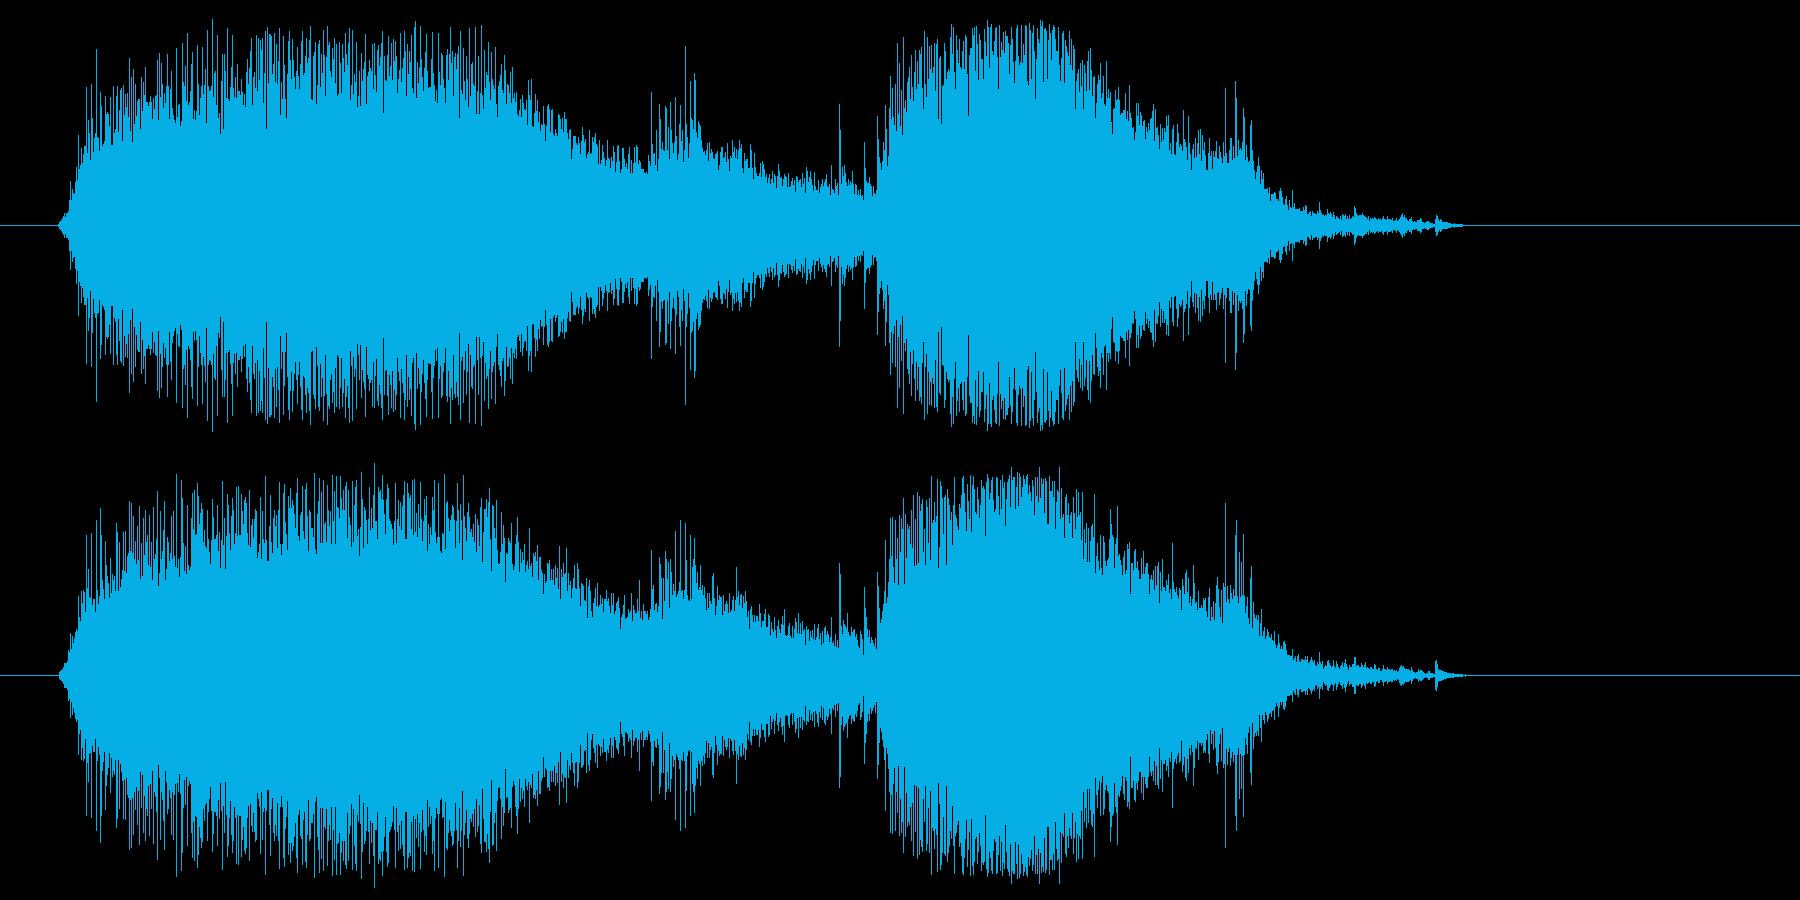 チェーンソーやバイクのエンジン音5の再生済みの波形